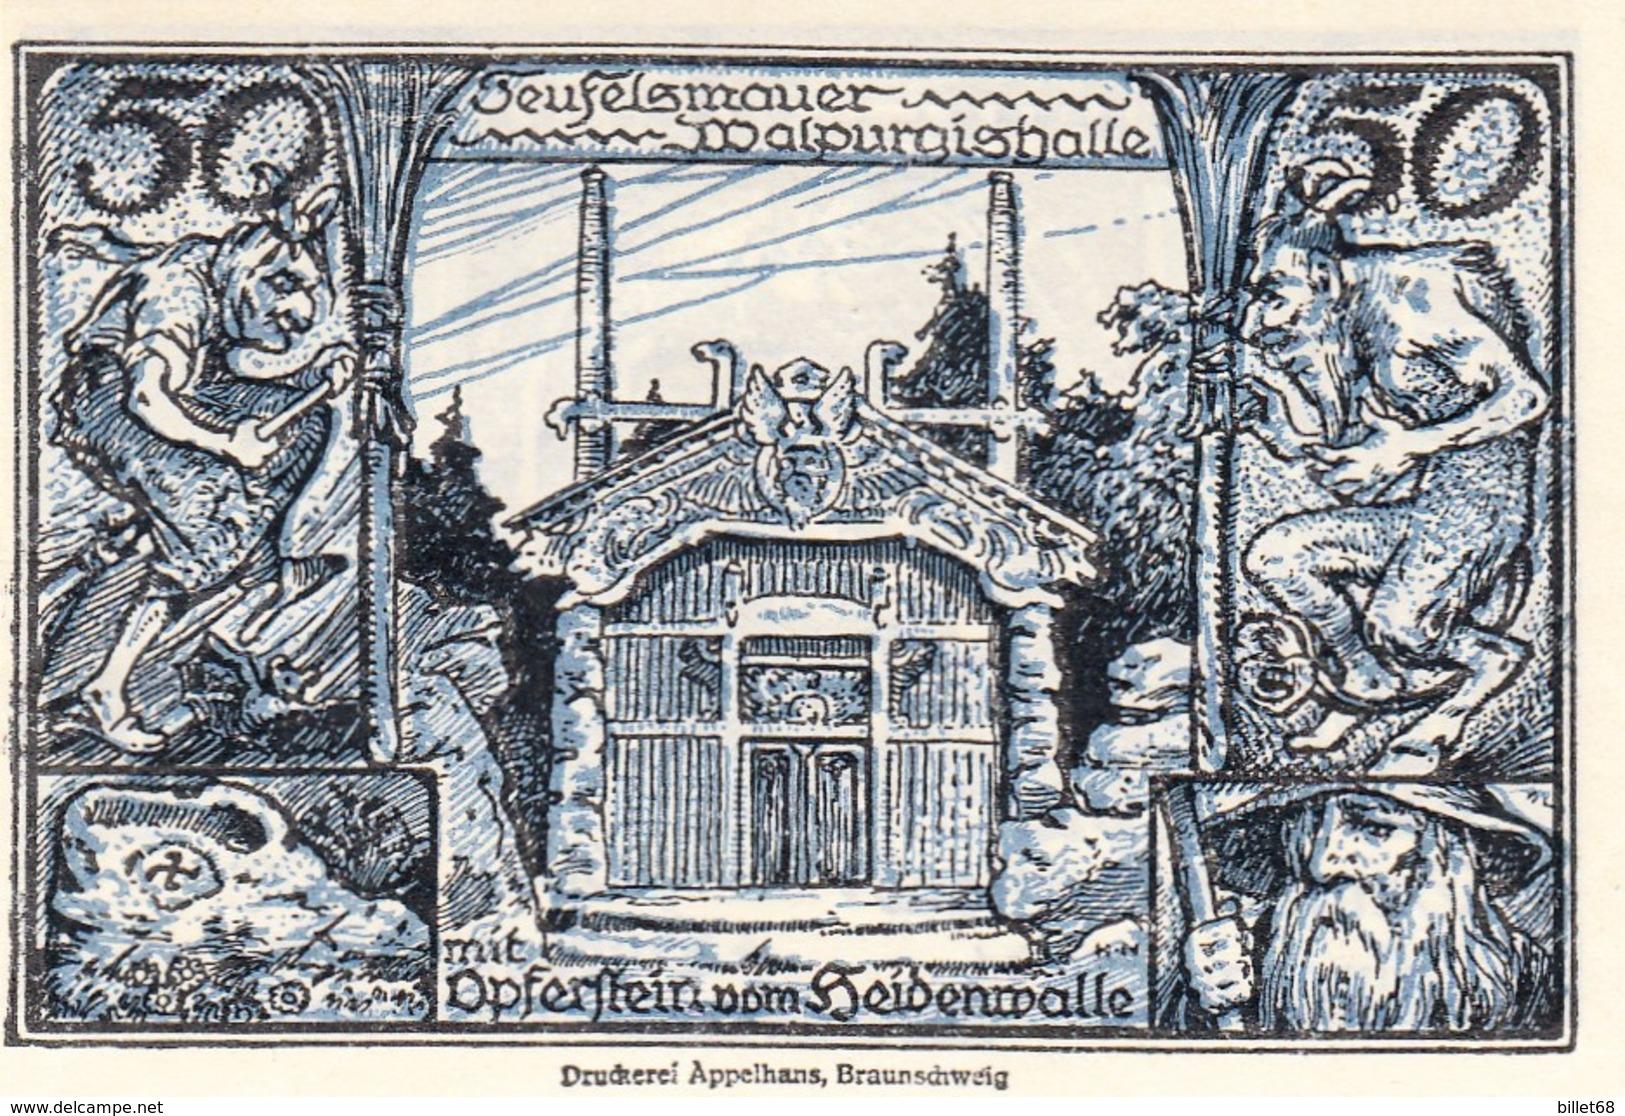 Billet Allemand - 50 Pfennig - Thale Am Harz 1922 - Stadtwappen, Teufelsmauer Et Walpurgishalle - [11] Local Banknote Issues